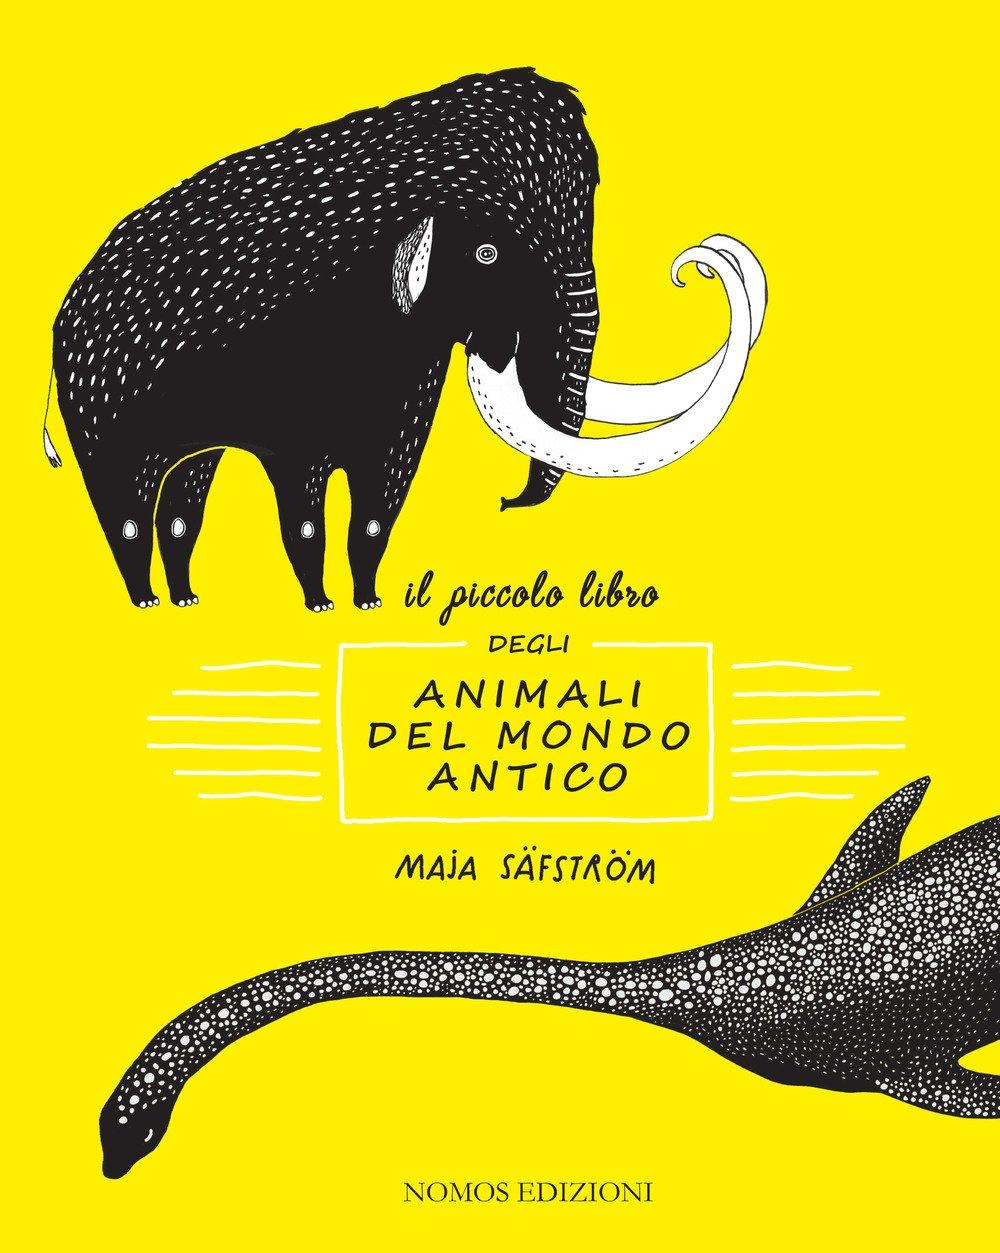 Piccolo libro degòi animali del mondo antico, Safstrom Maja, Nomos, € 13.90, dai 6 anni, STAMPATO MAIUSCOLO